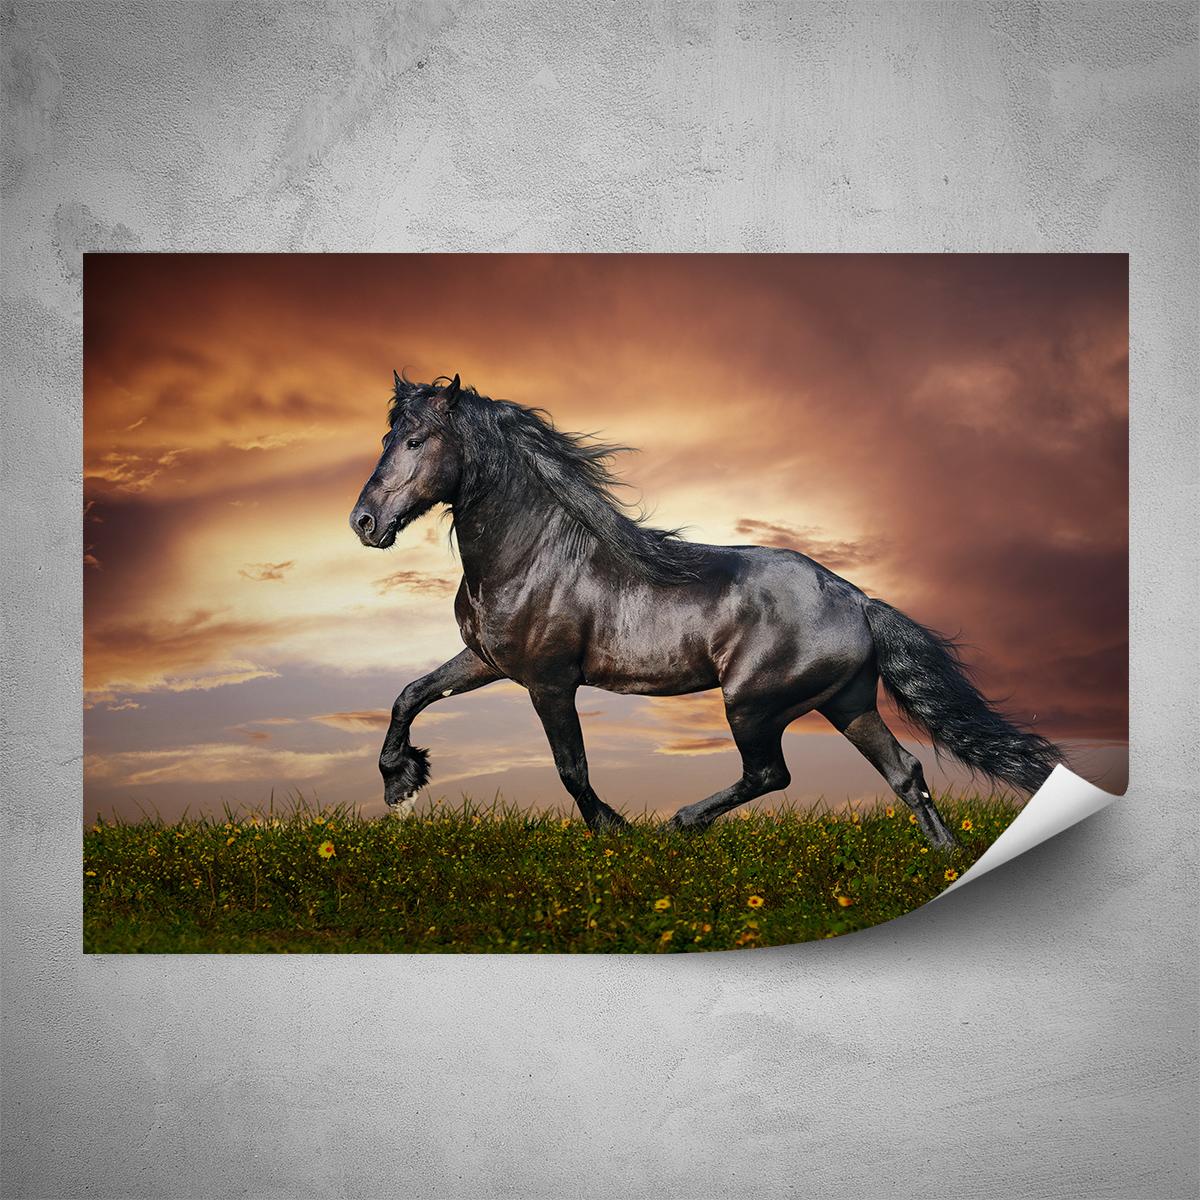 Plakát - Hnědý kůň - 60x40 cm - PopyDesign